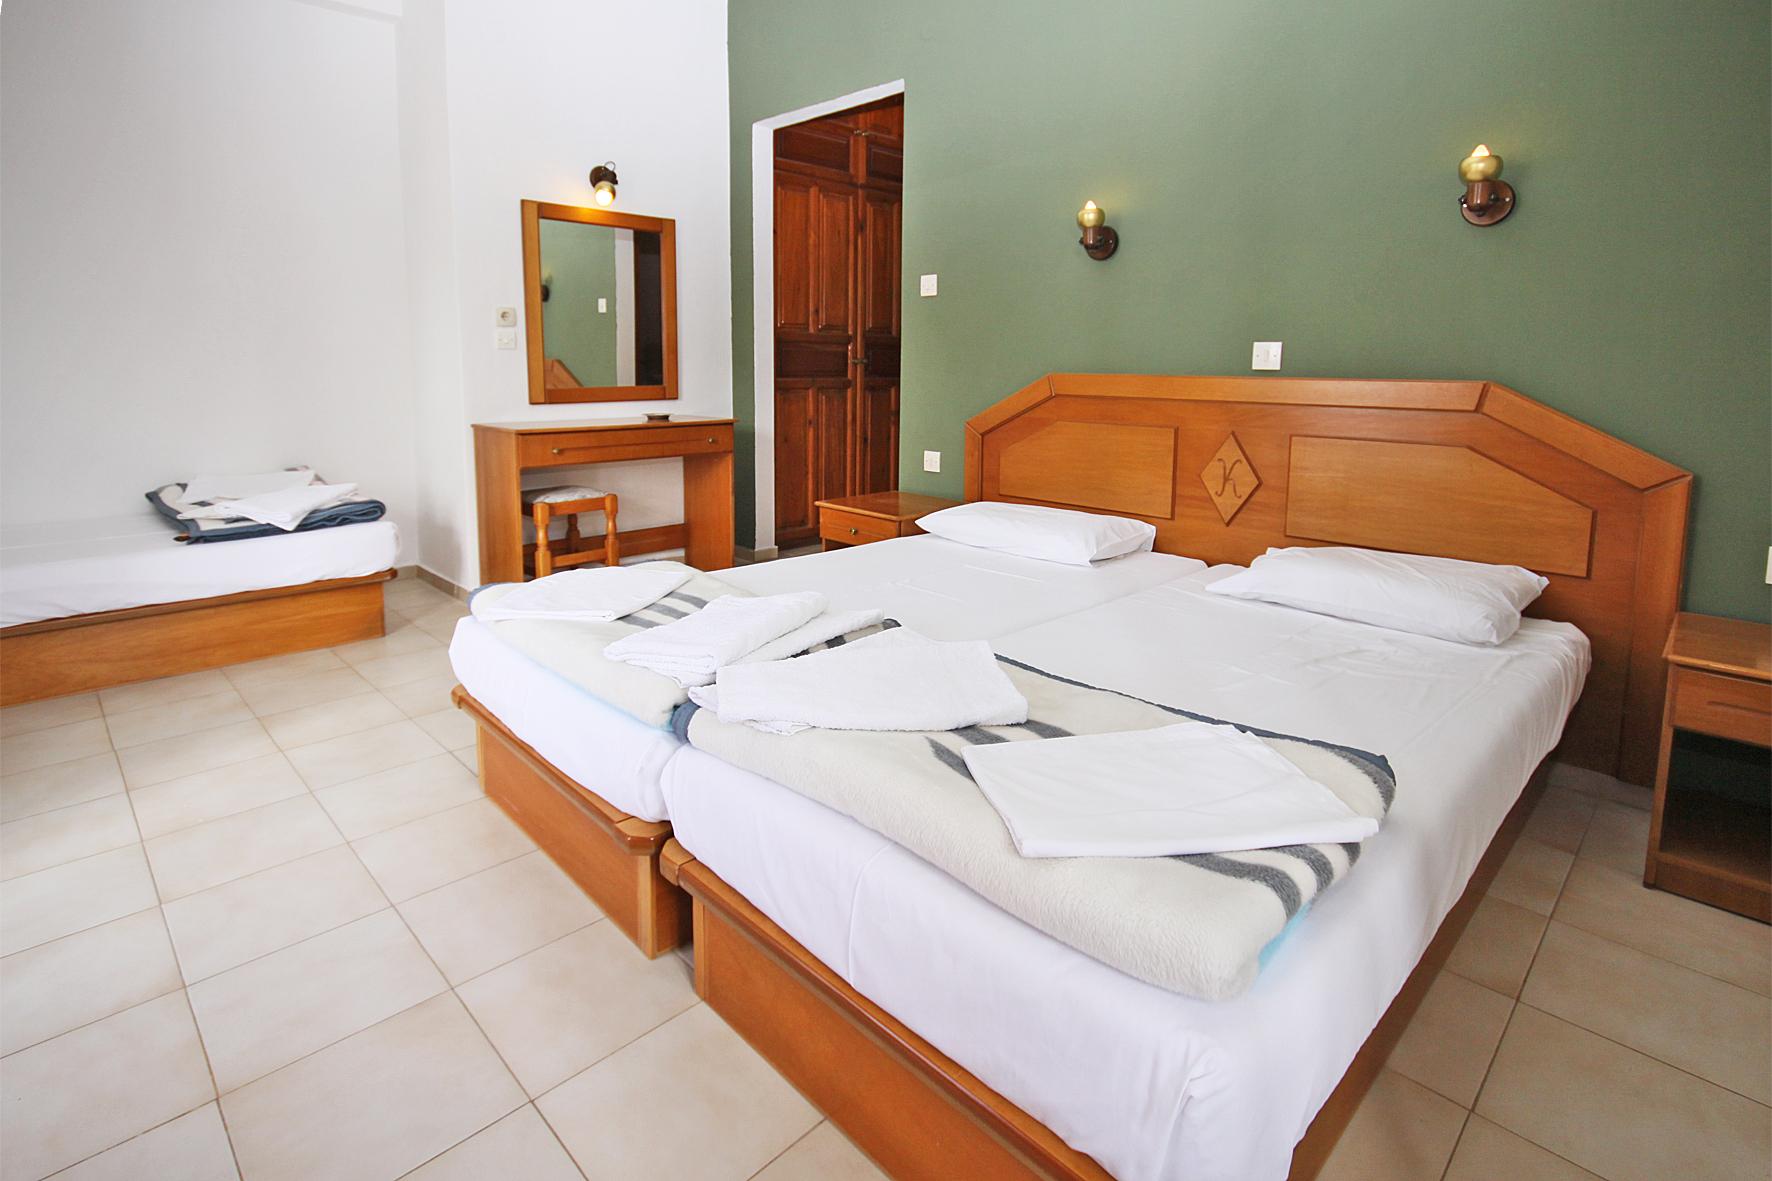 3beds-room1